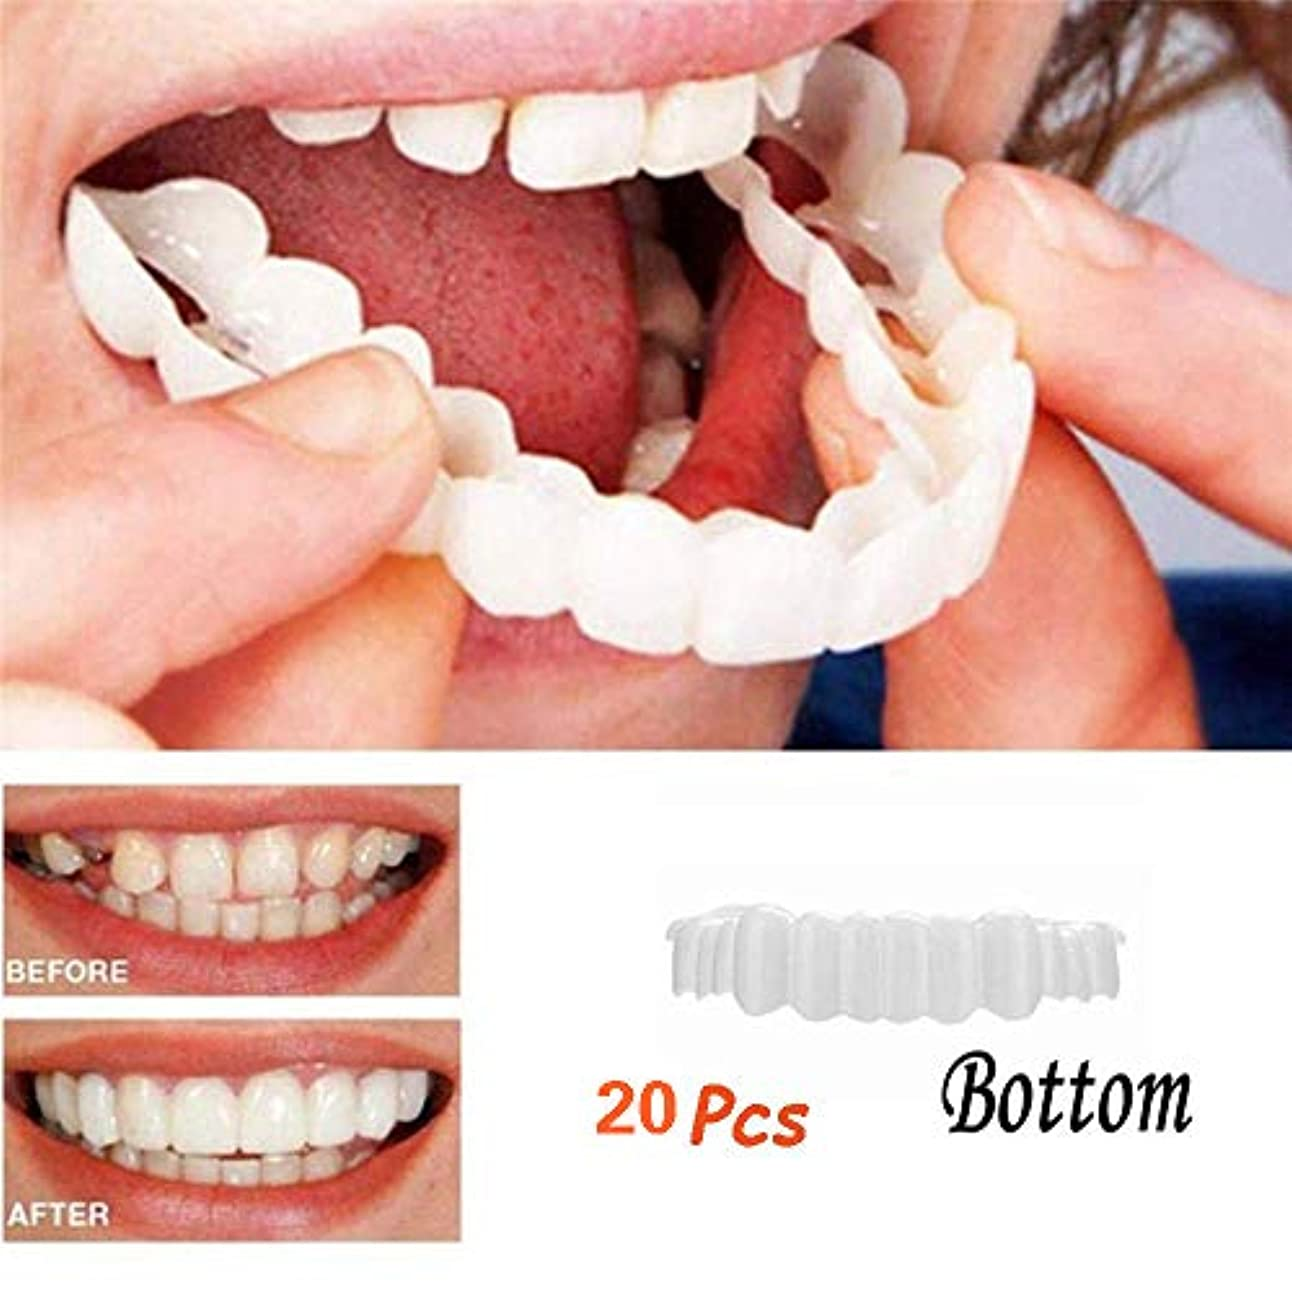 コーデリア長くするテーブル20ピースボトム化粧品歯コンフォートフィットフレックス化粧品歯コーブ義歯歯のホワイトニングスナップオンインスタント笑顔サイズフィット